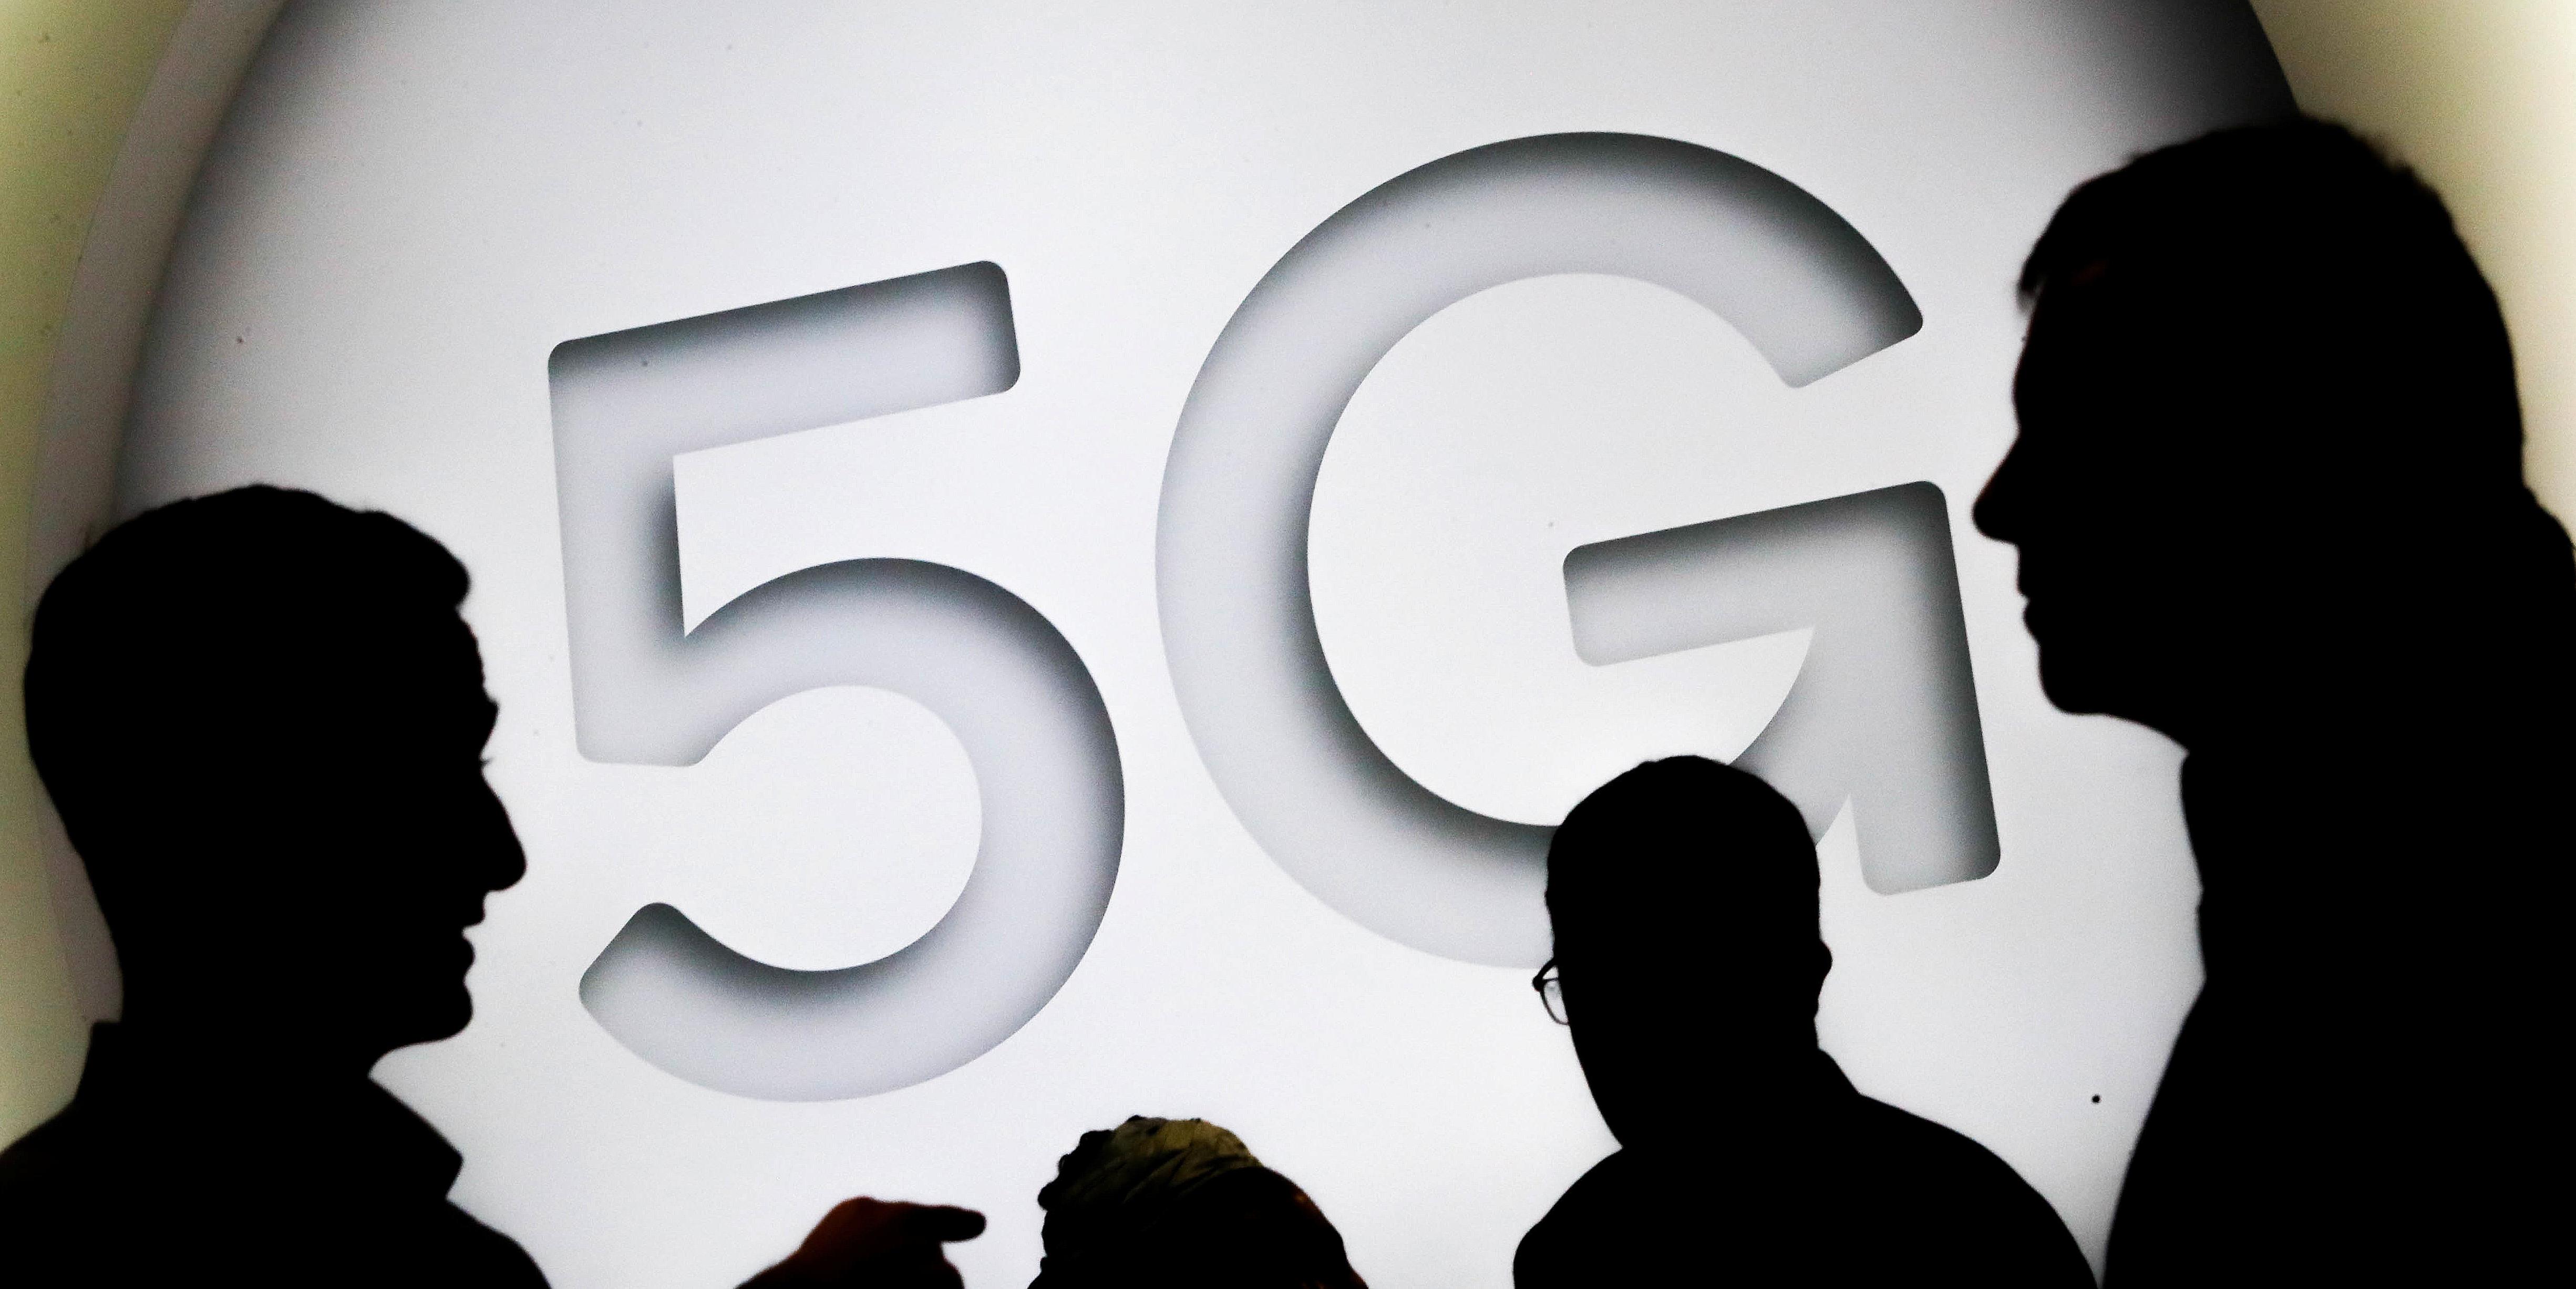 Affaire Huawei: une proposition de loi arrive à l'Assemblée